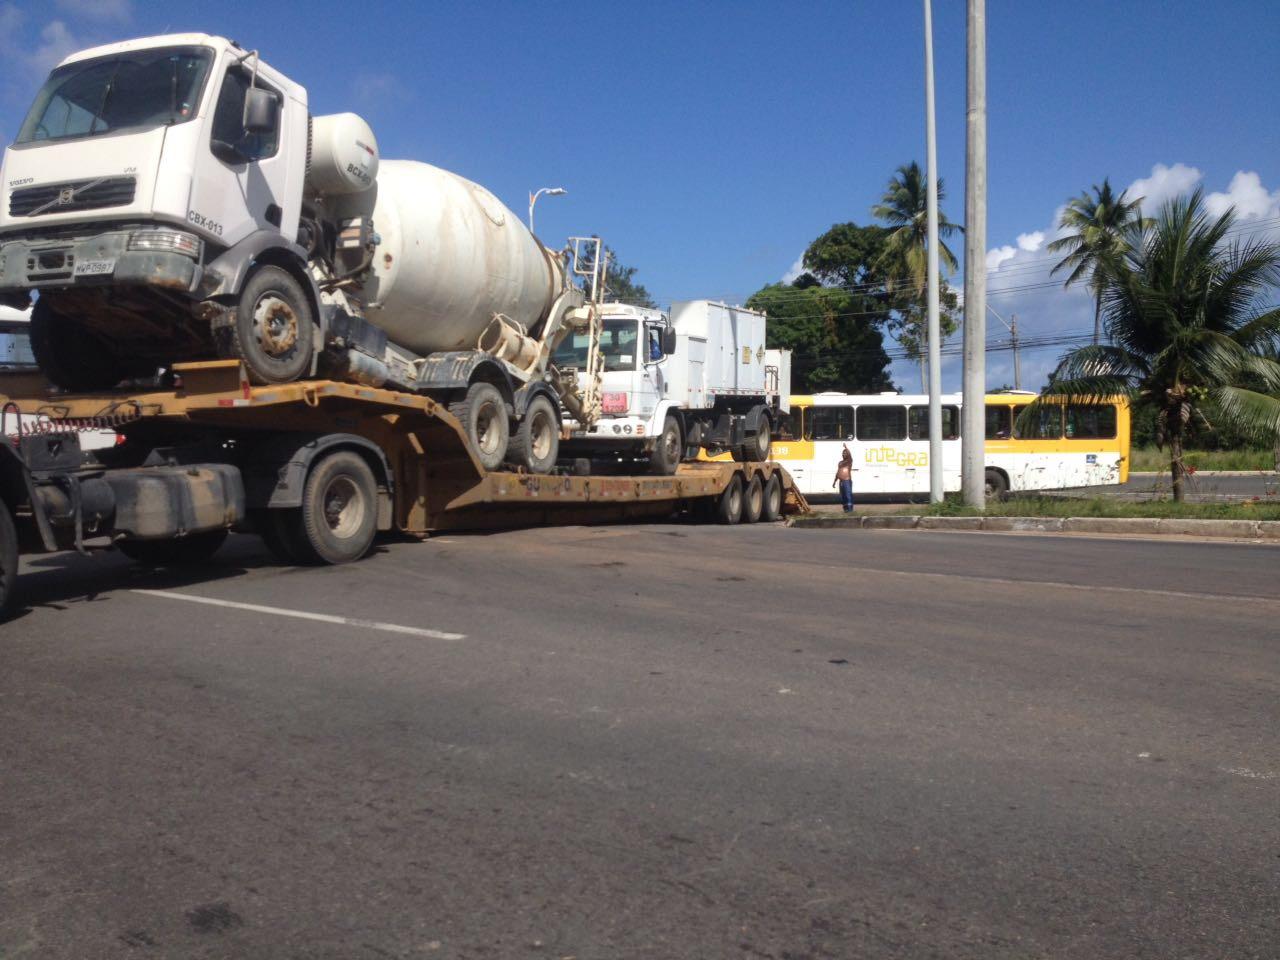 Enorme caminhão prancha travou a Estrada do Coco